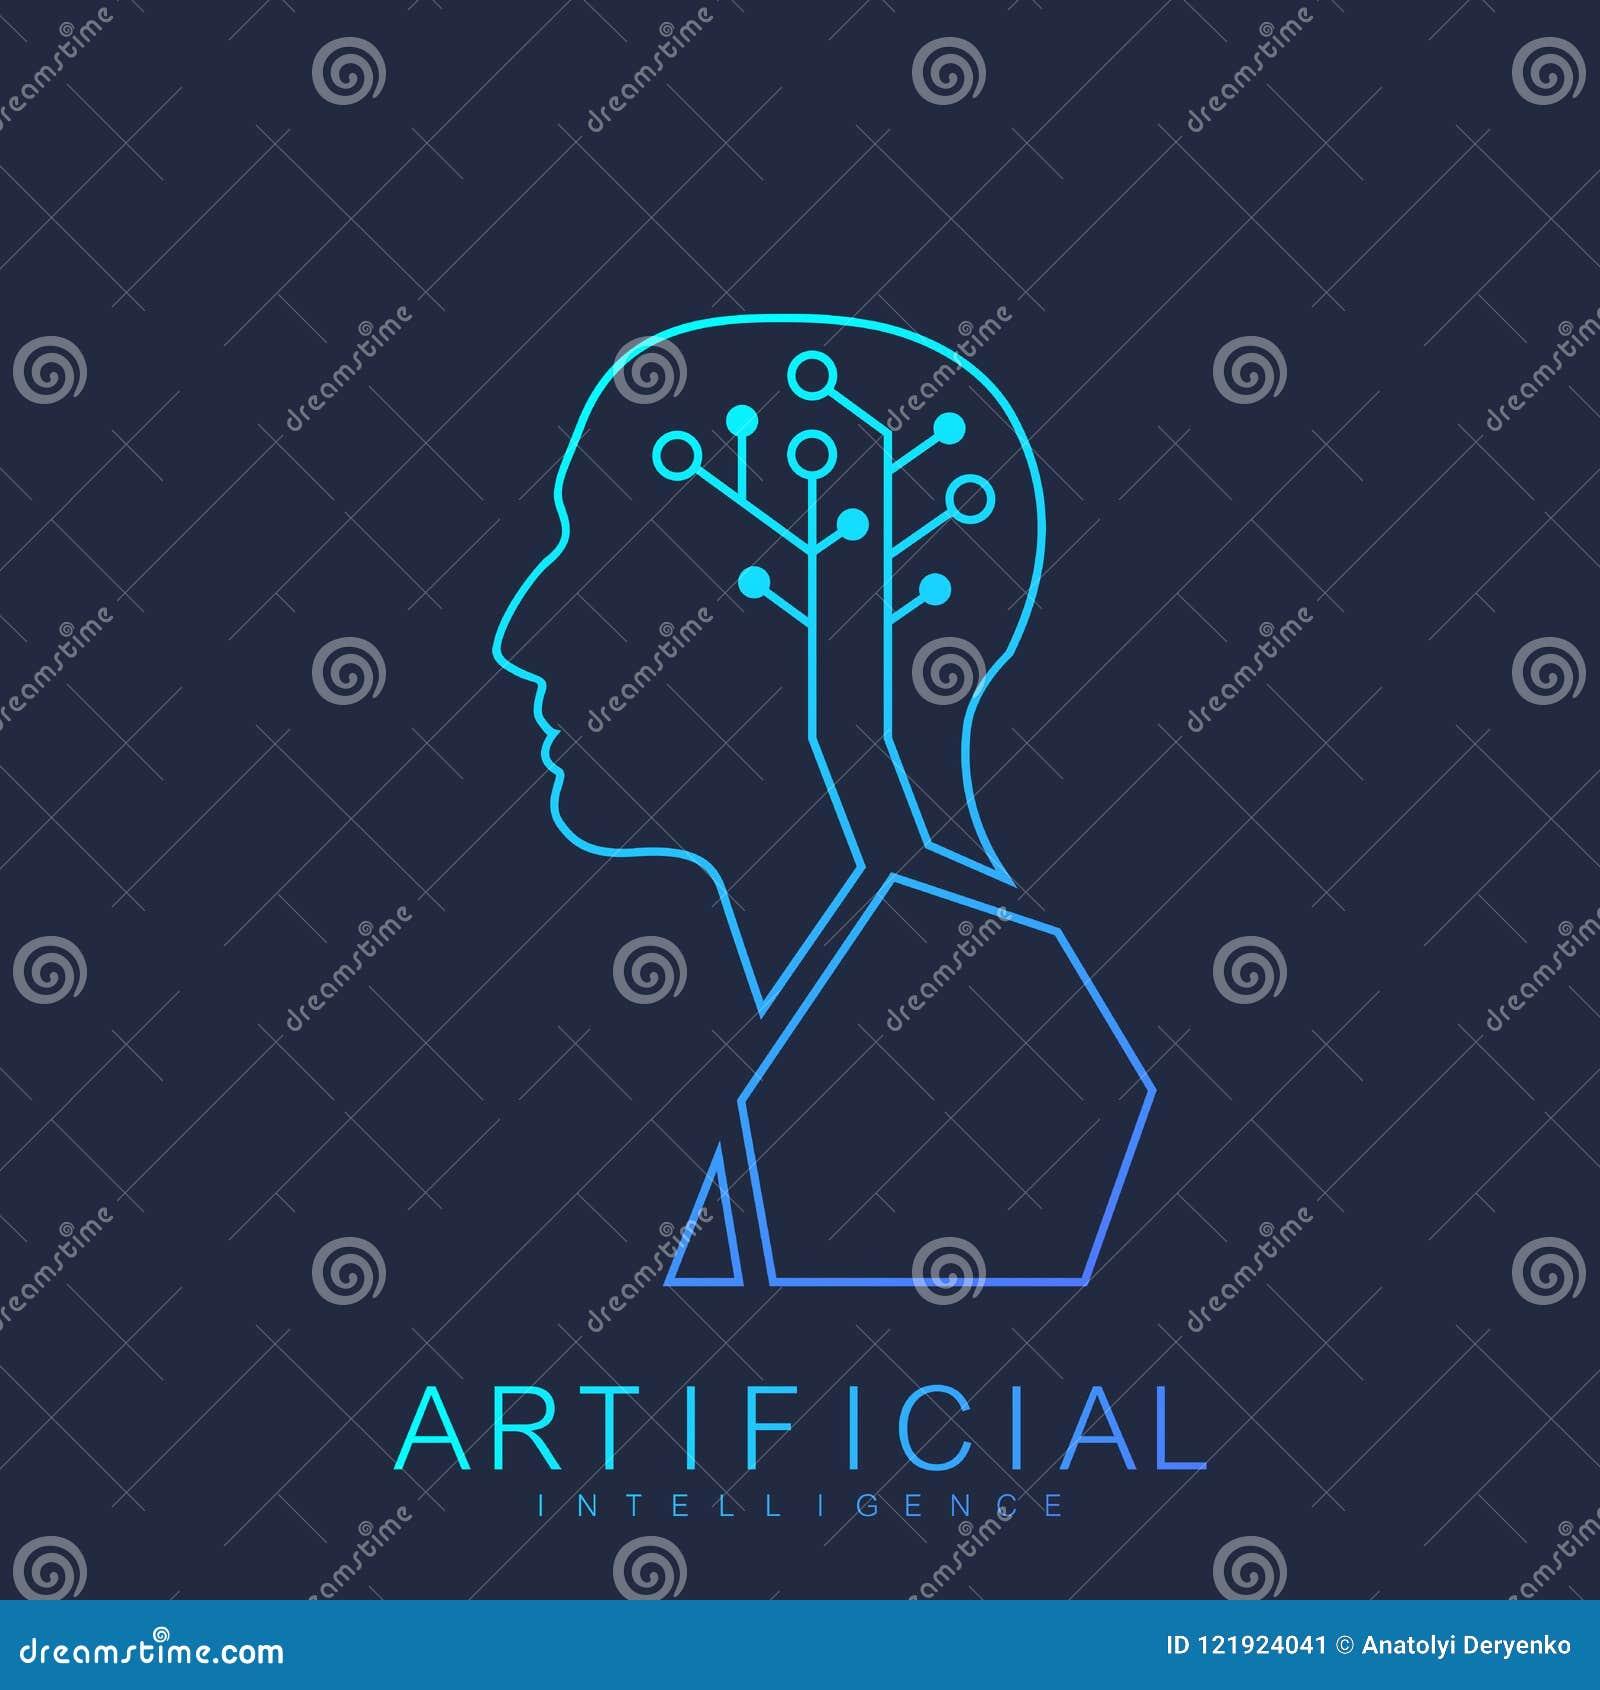 Artificial Intelligence Human Logo Machine Learning Concept. Vector Icon Artificial Intelligence, Logotype, Symbol, Sign